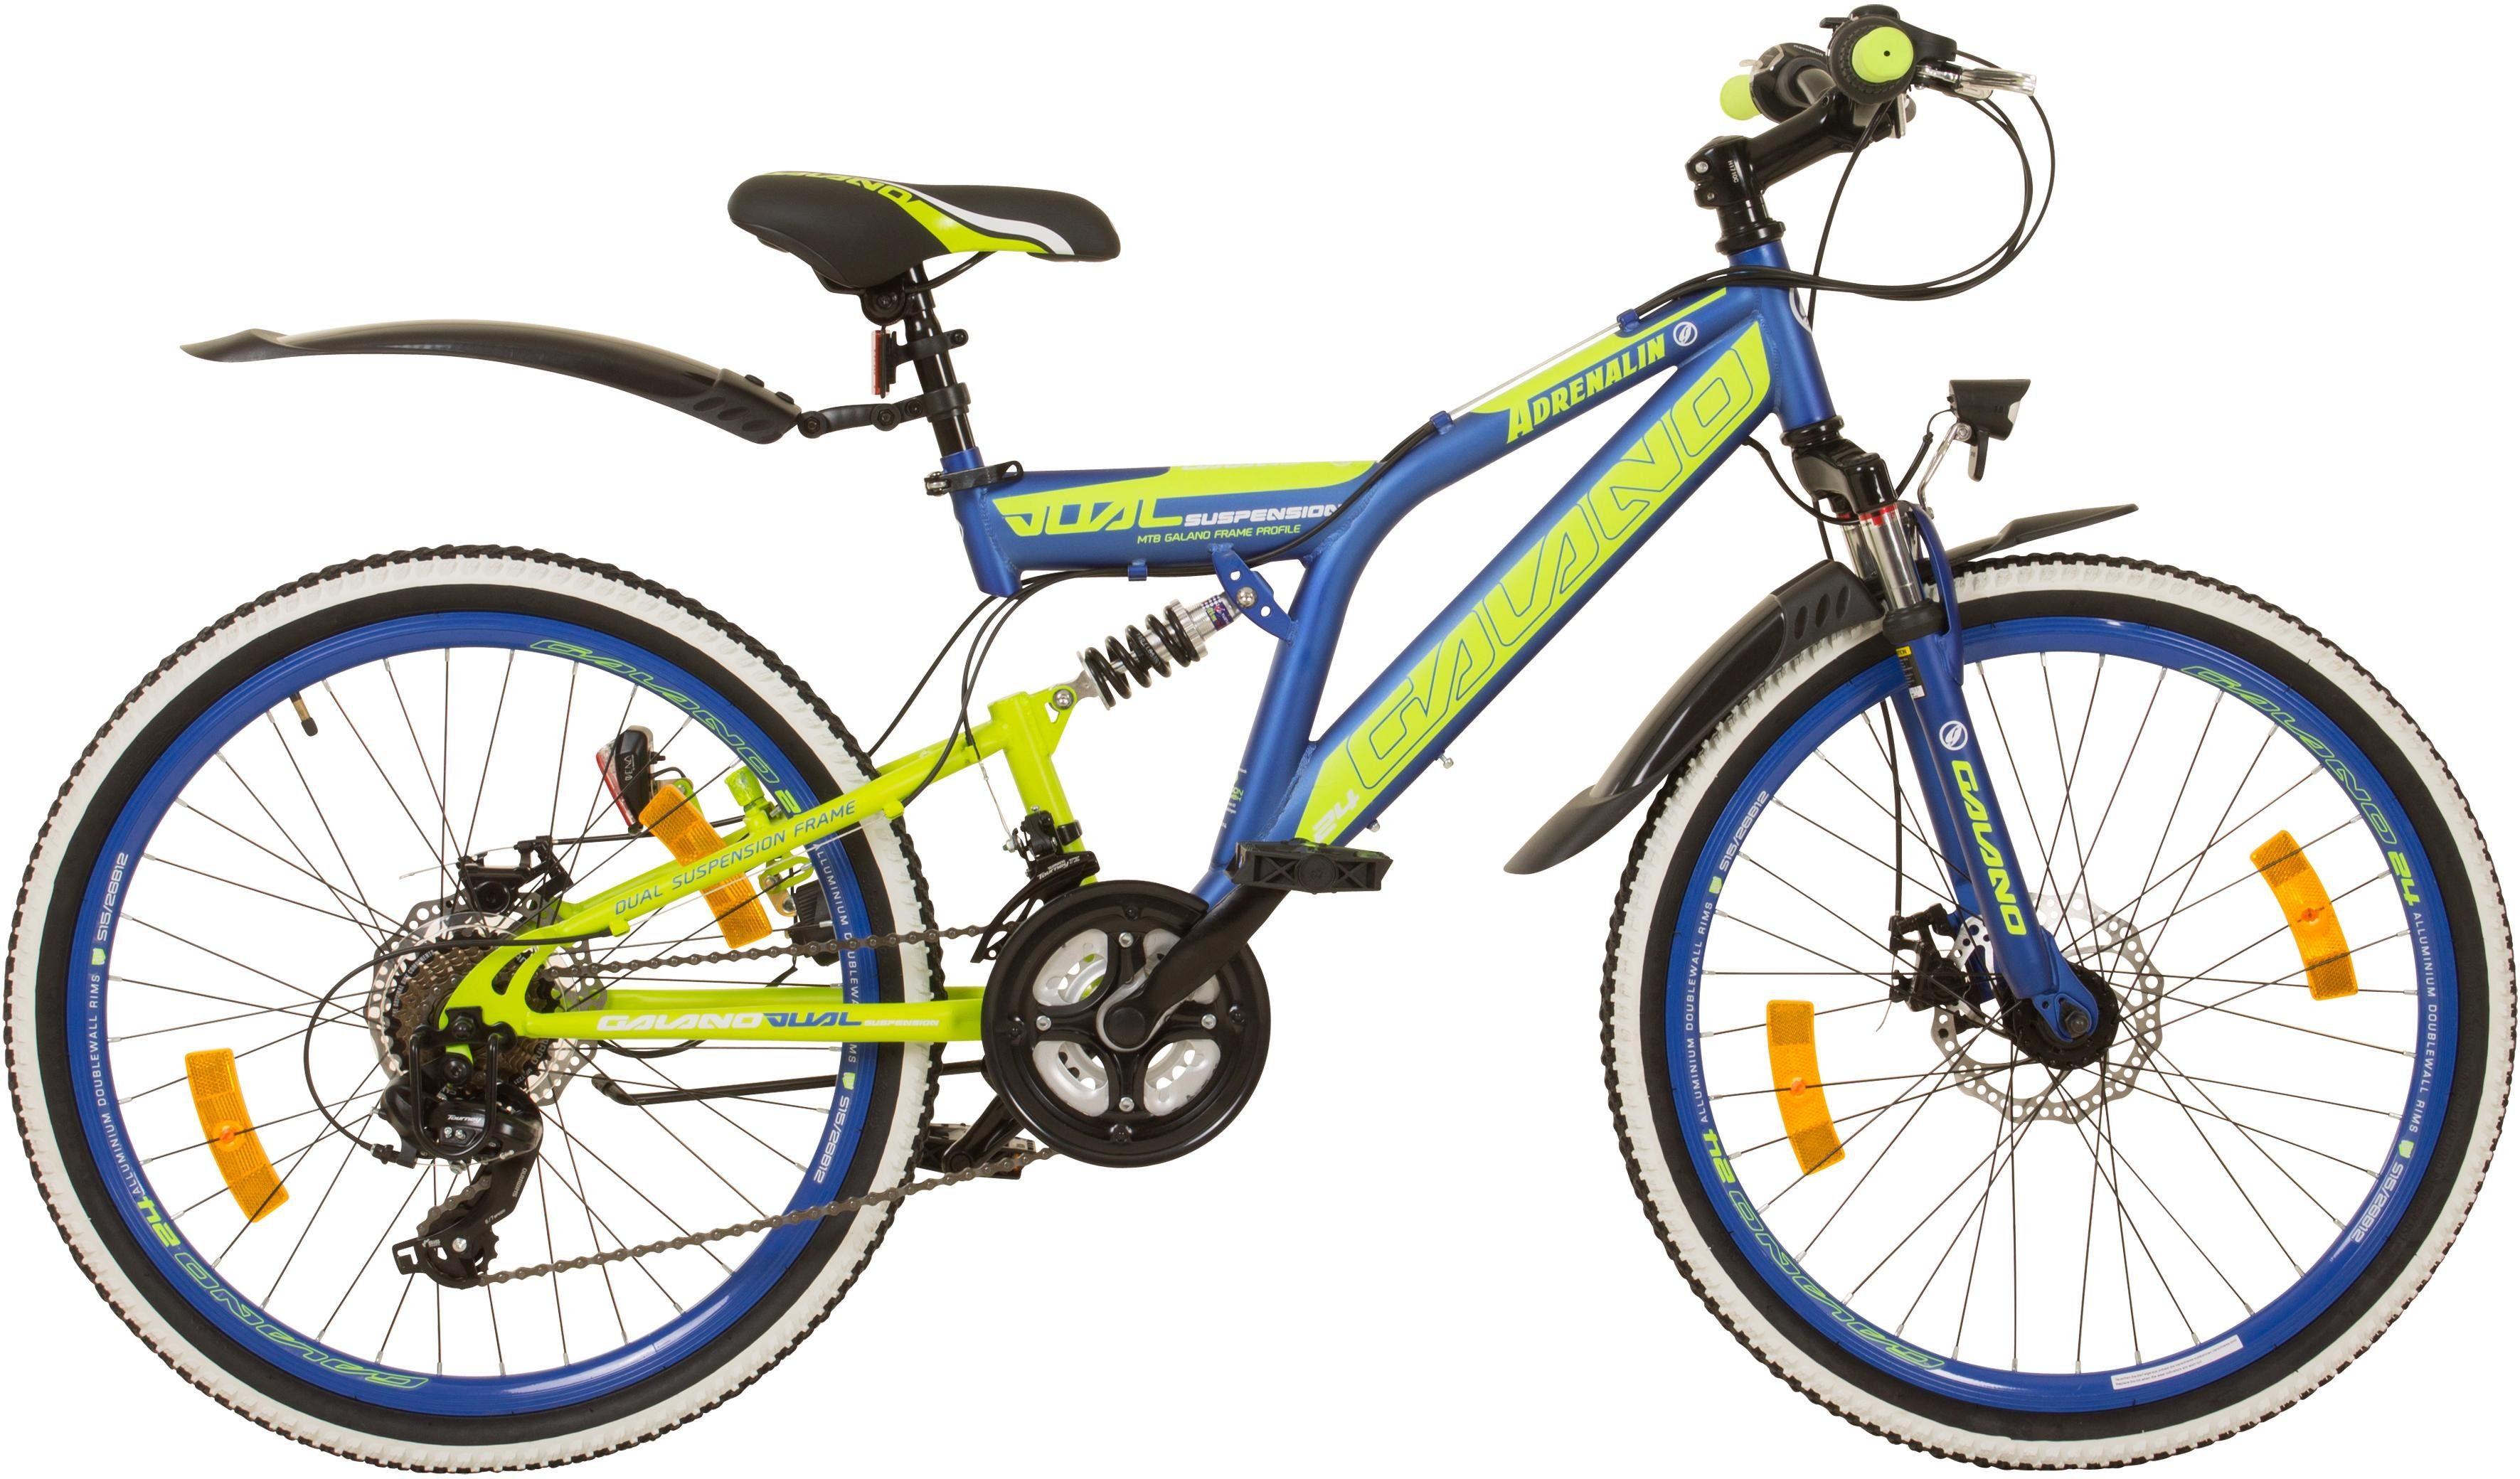 Galano Mountainbike »Adrenalin DS«, 21 Gang Shimano Tourney TX 35 Schaltwerk, Kettenschaltung